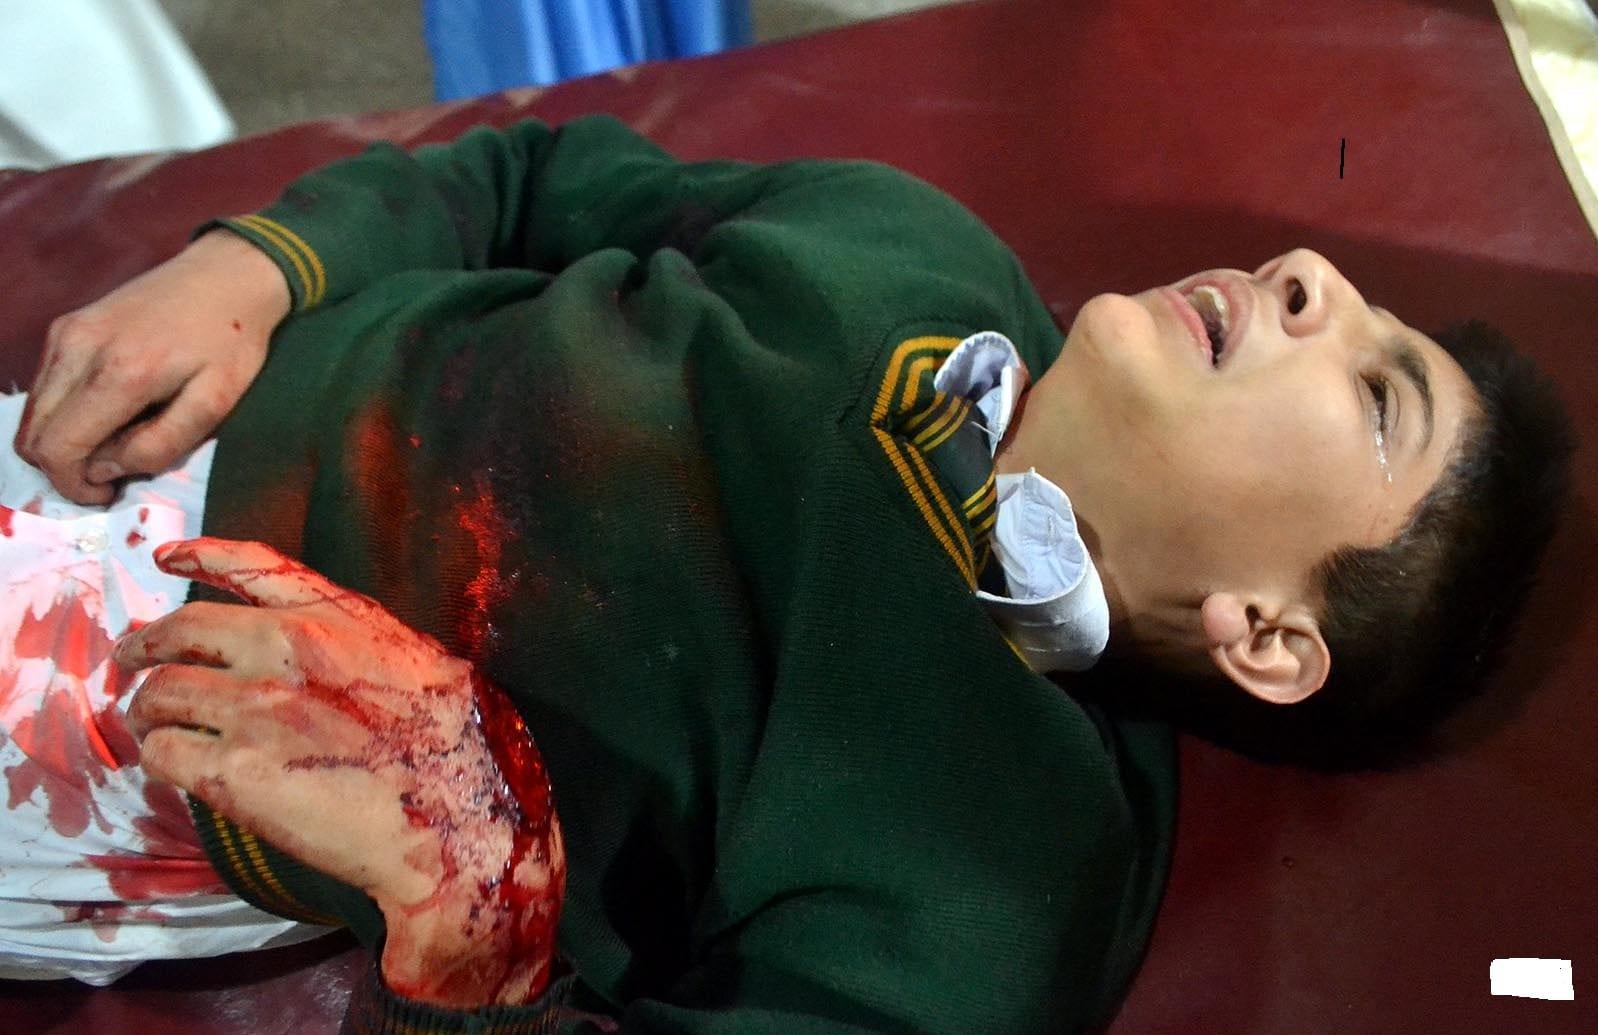 Top 10 Worst School Massacres Ever